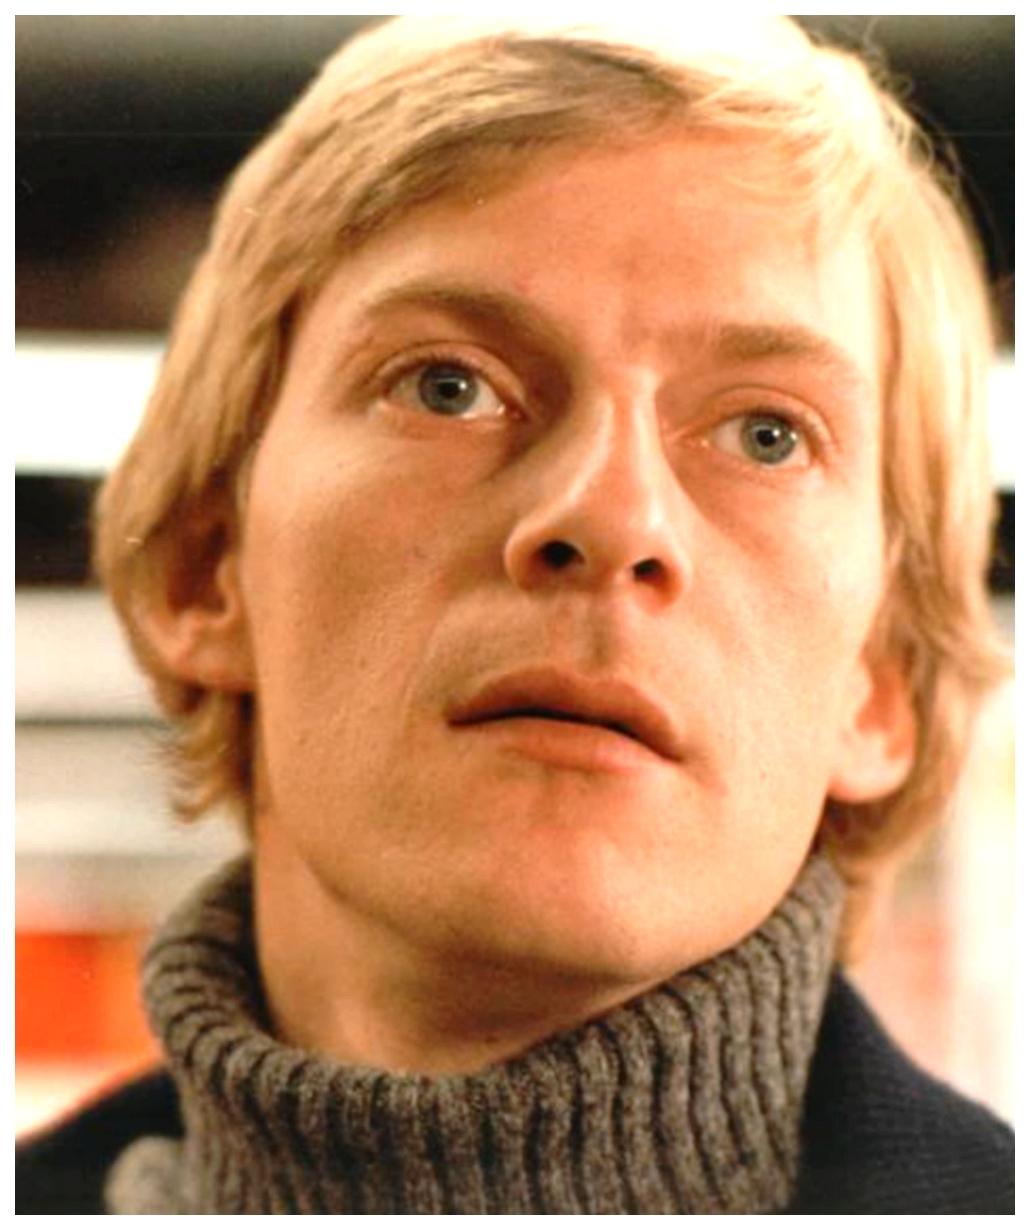 Jesper Christensen in Verden er fuld af børn (1980)